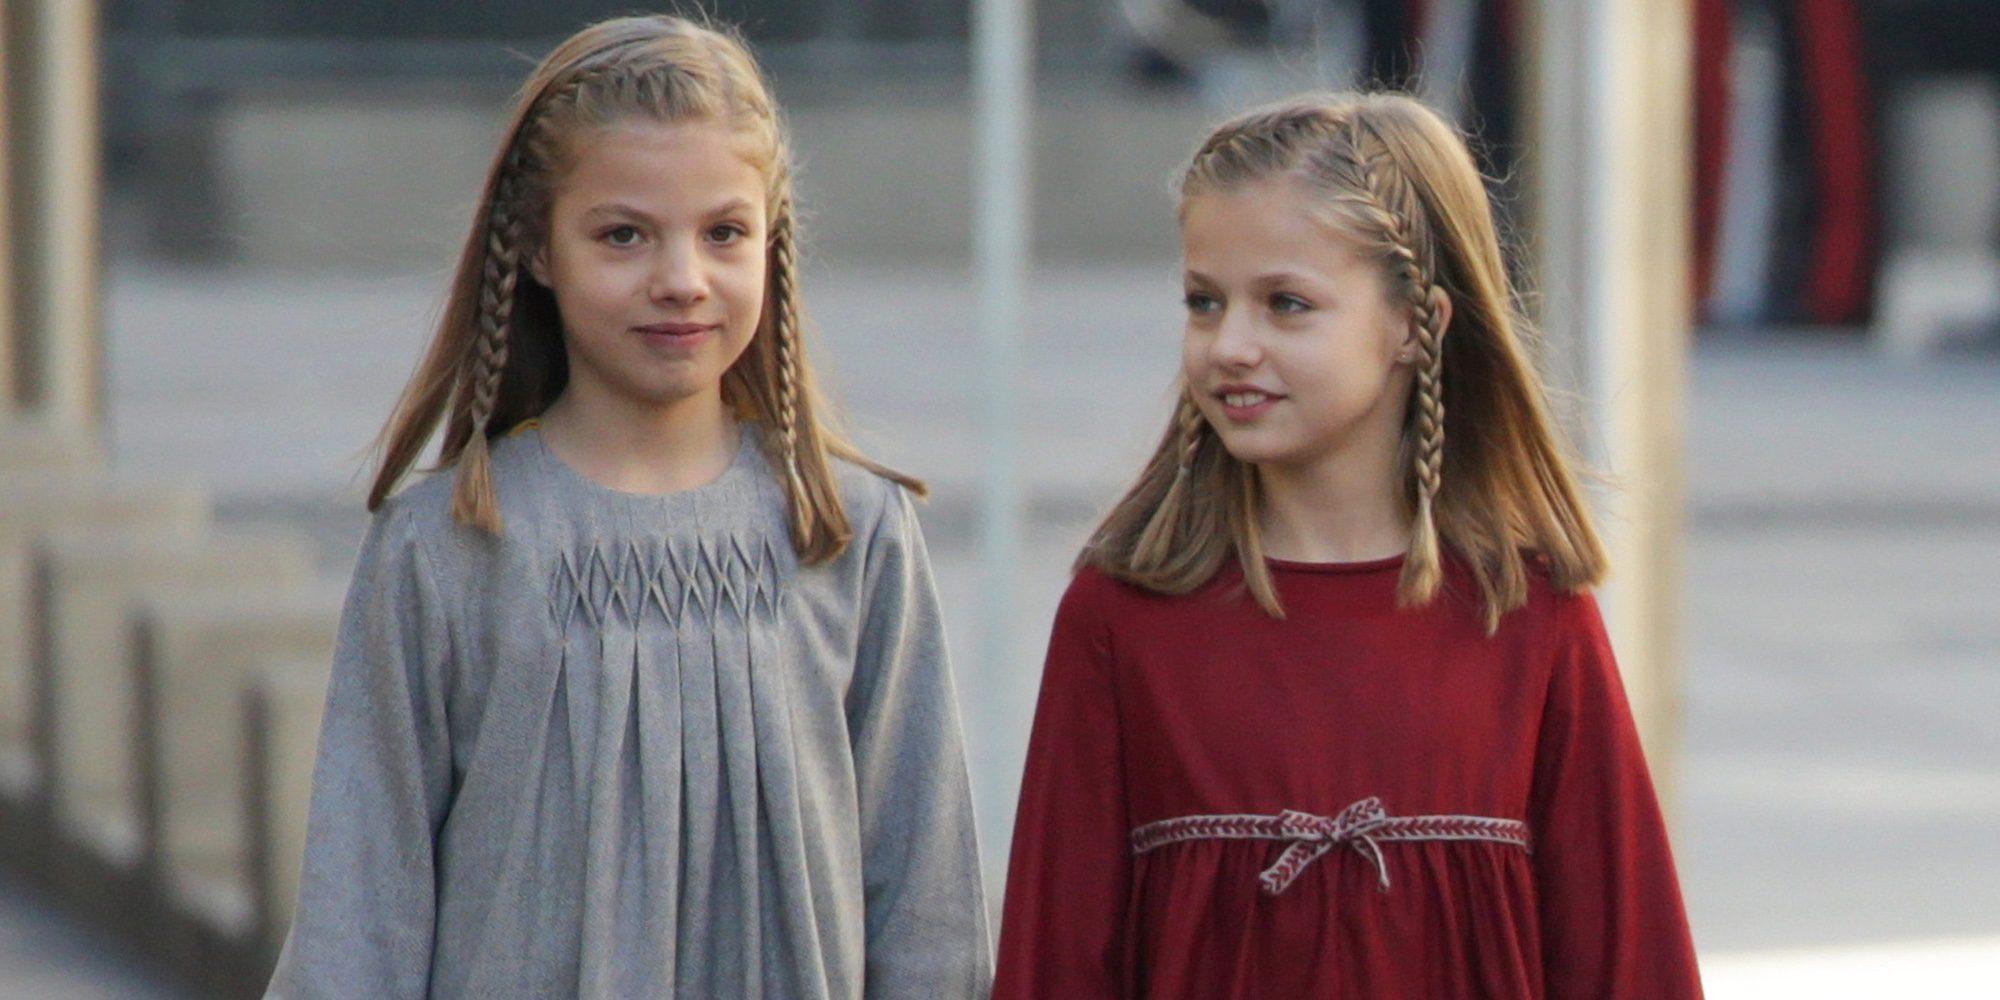 La Princesa Leonor y la Infanta Sofía, fans de 'Star Wars: Los últimos Jedi'